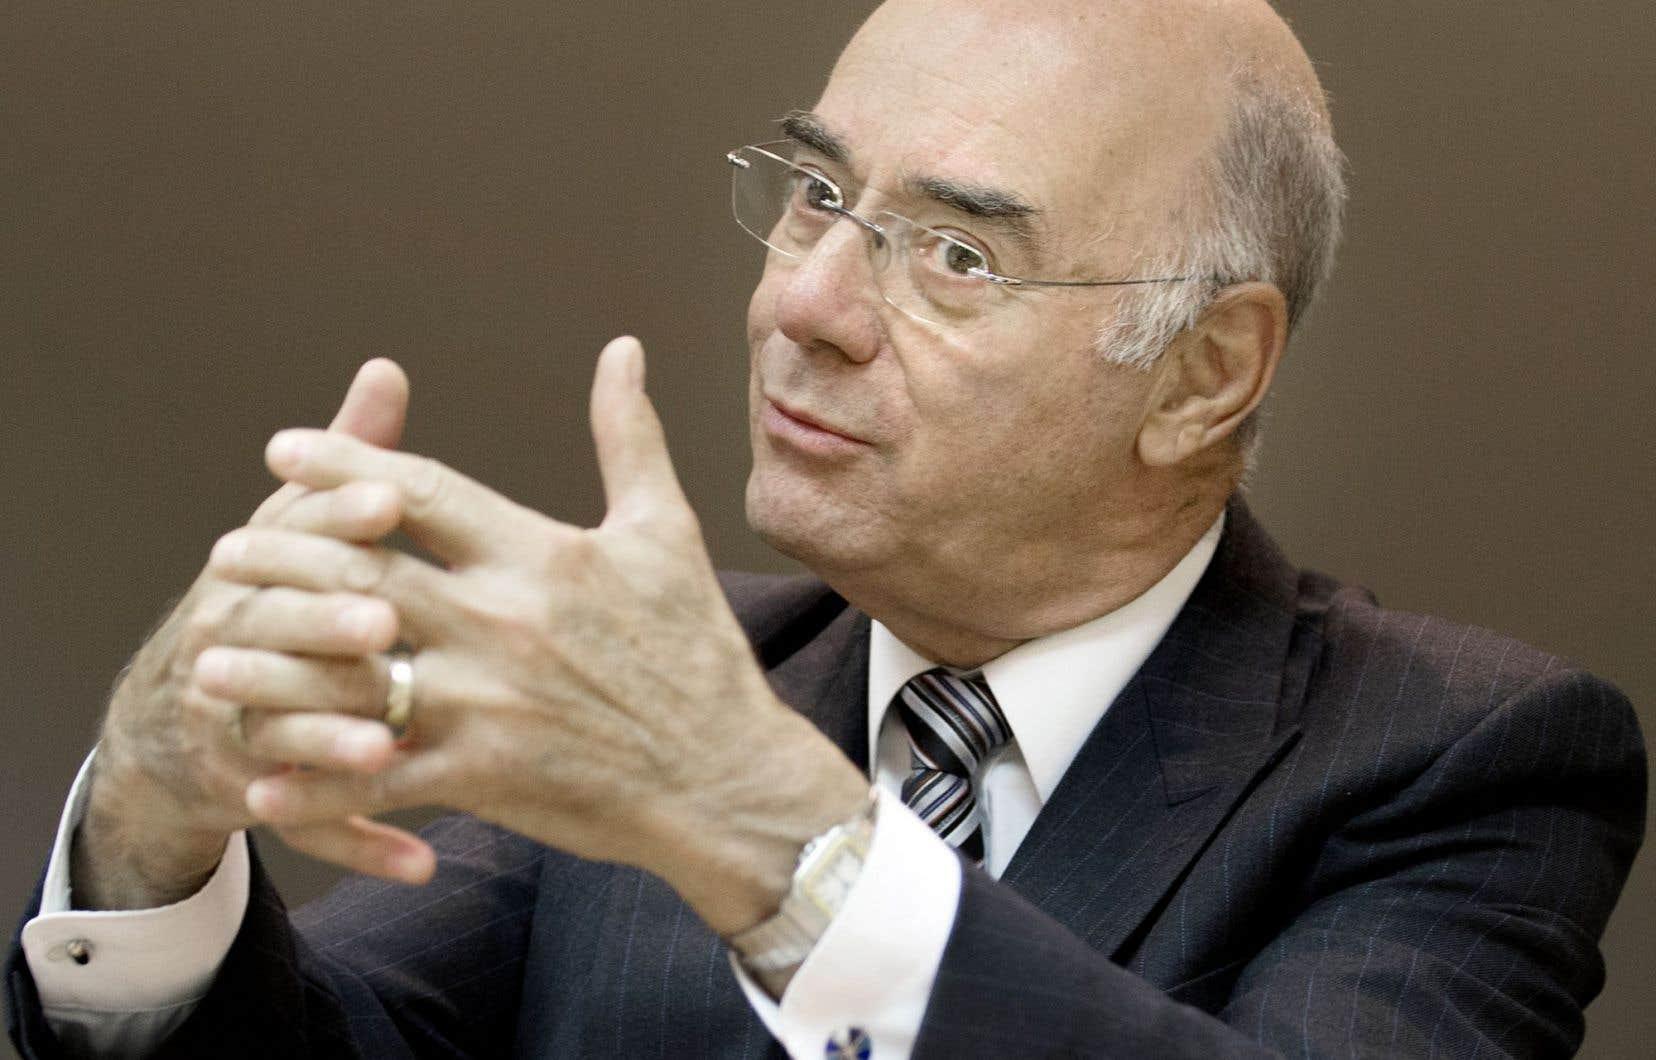 Le ministre de l'Économie, de l'Innovation et de l'Exportation, Jacques Daoust, a réduit de moitié le nombre d'entreprises «gazelles» admissibles à l'aide de l'État.